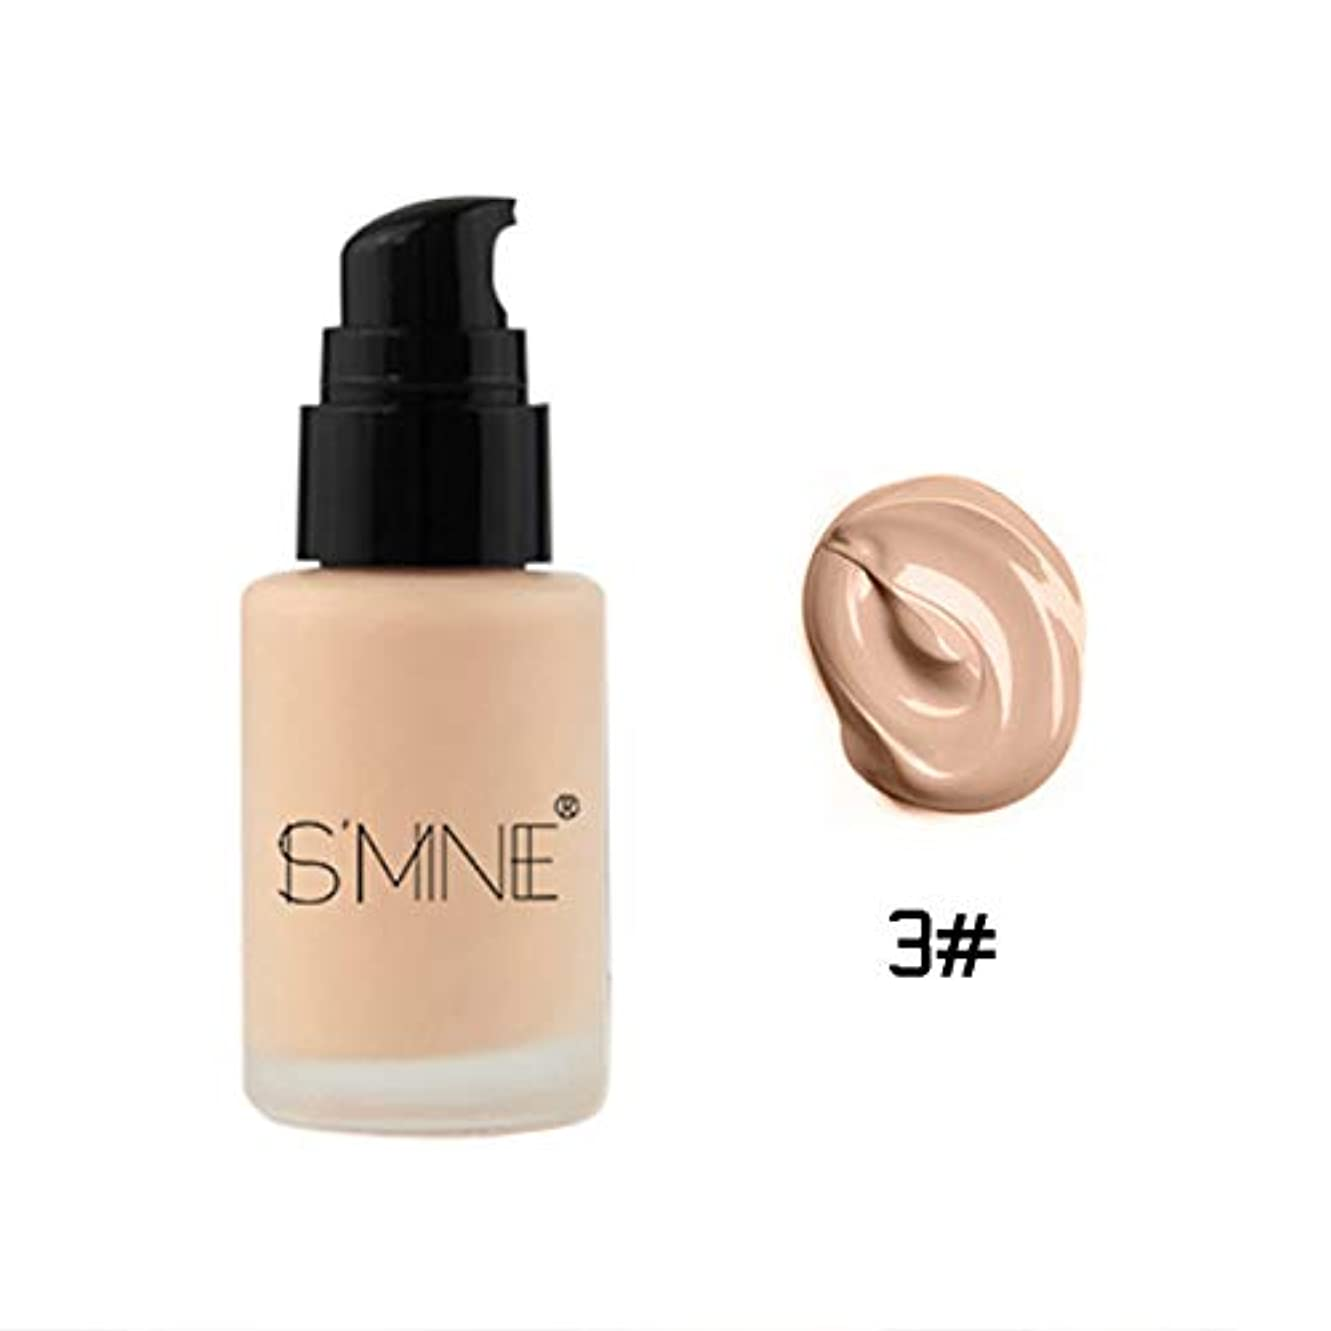 有効化区平等Symboat BBクリーム 女性 フェイスコンシーラー 美白 保湿 防水 ロングラスティングメイクアップ 健康的な自然な肌色 素肌感 化粧品